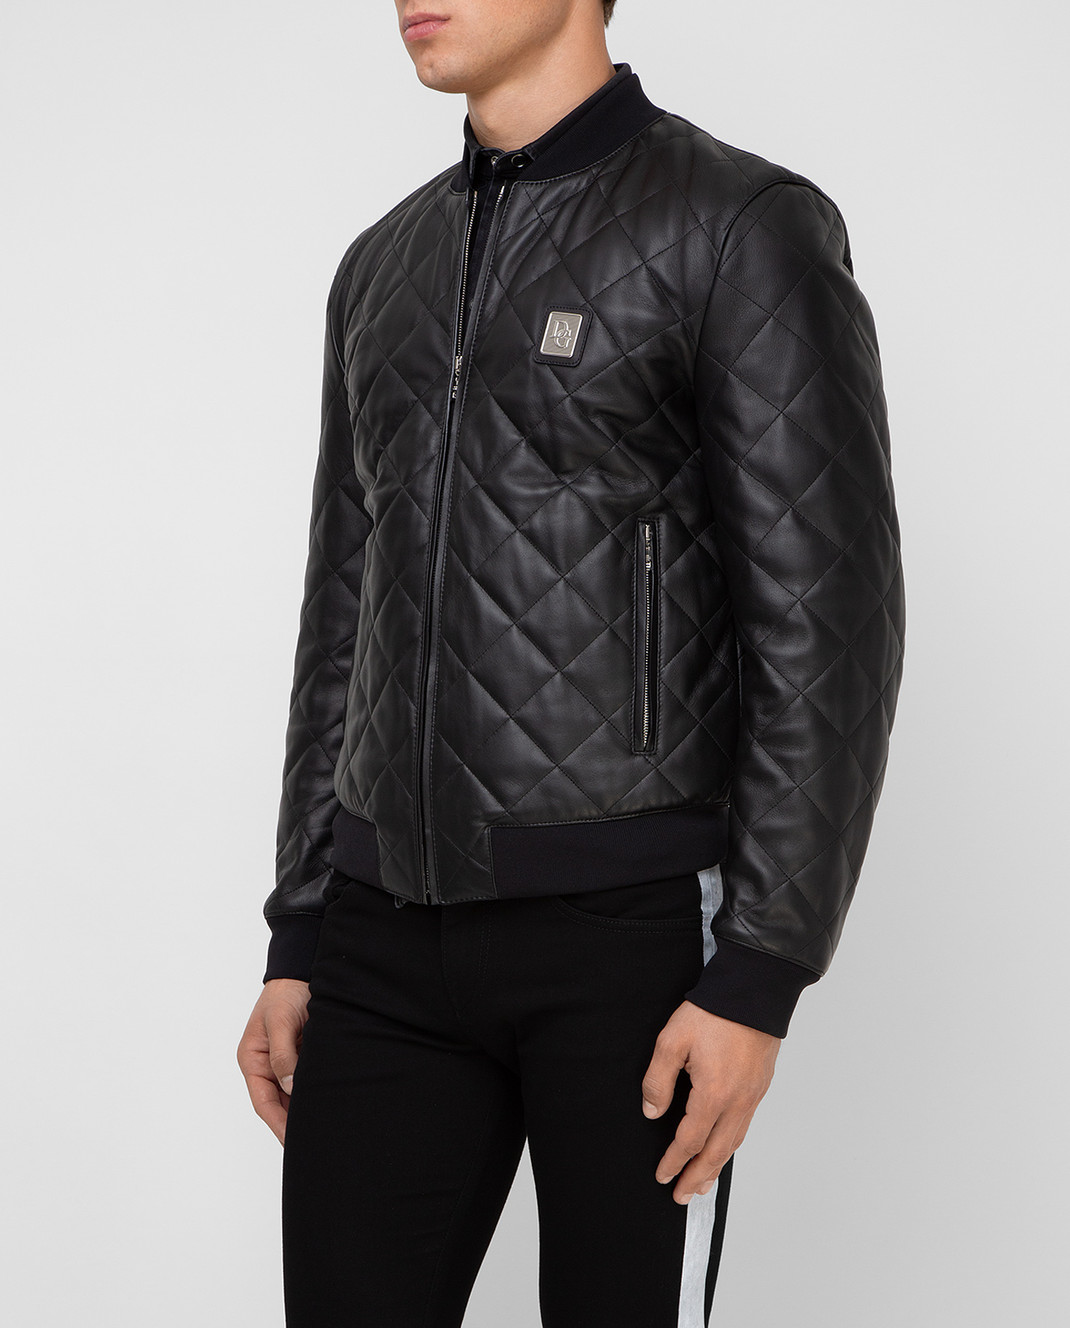 Dolce&Gabbana Черный кожаный бомбер изображение 3